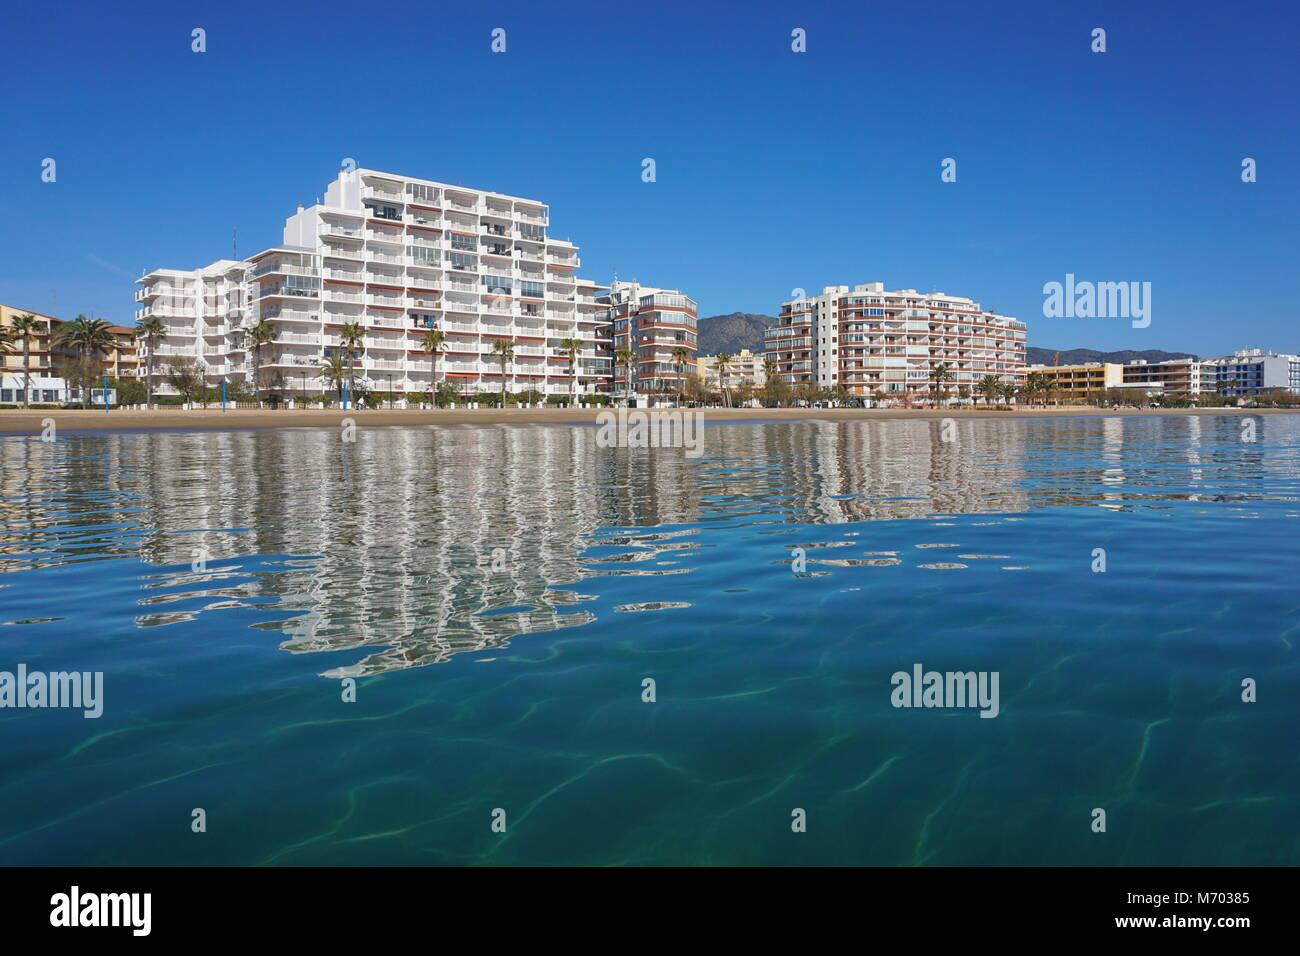 Espagne Costa Brava vacances bâtiments le long de la plage, mer Méditerranée, Santa Margarida, Roses, Photo Stock